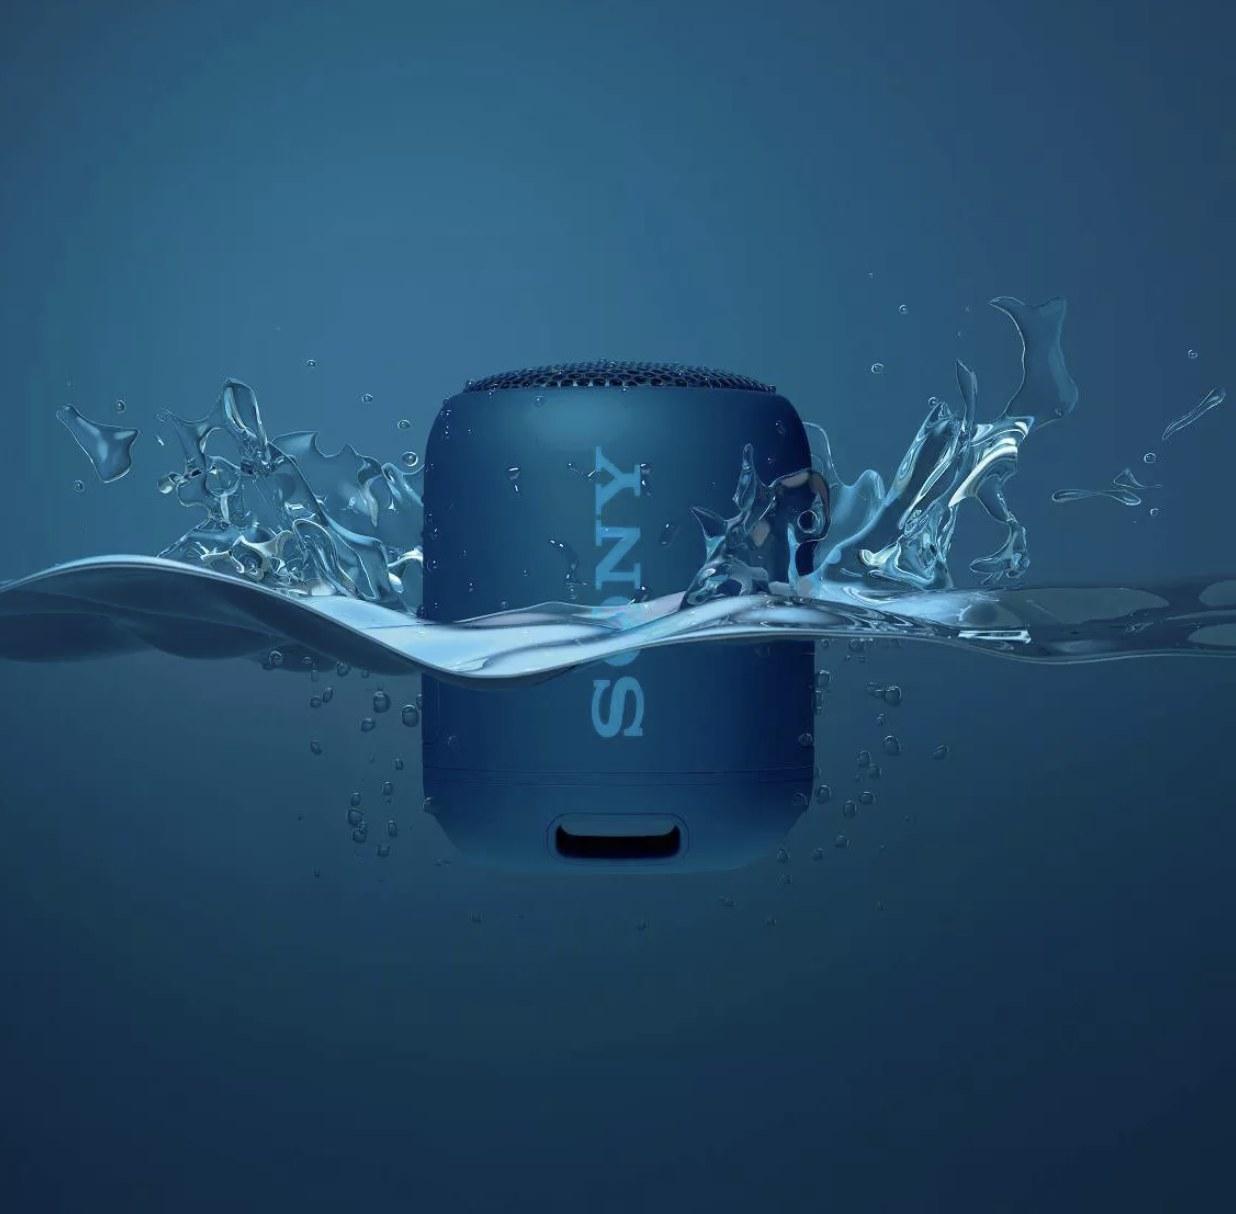 The blue speaker